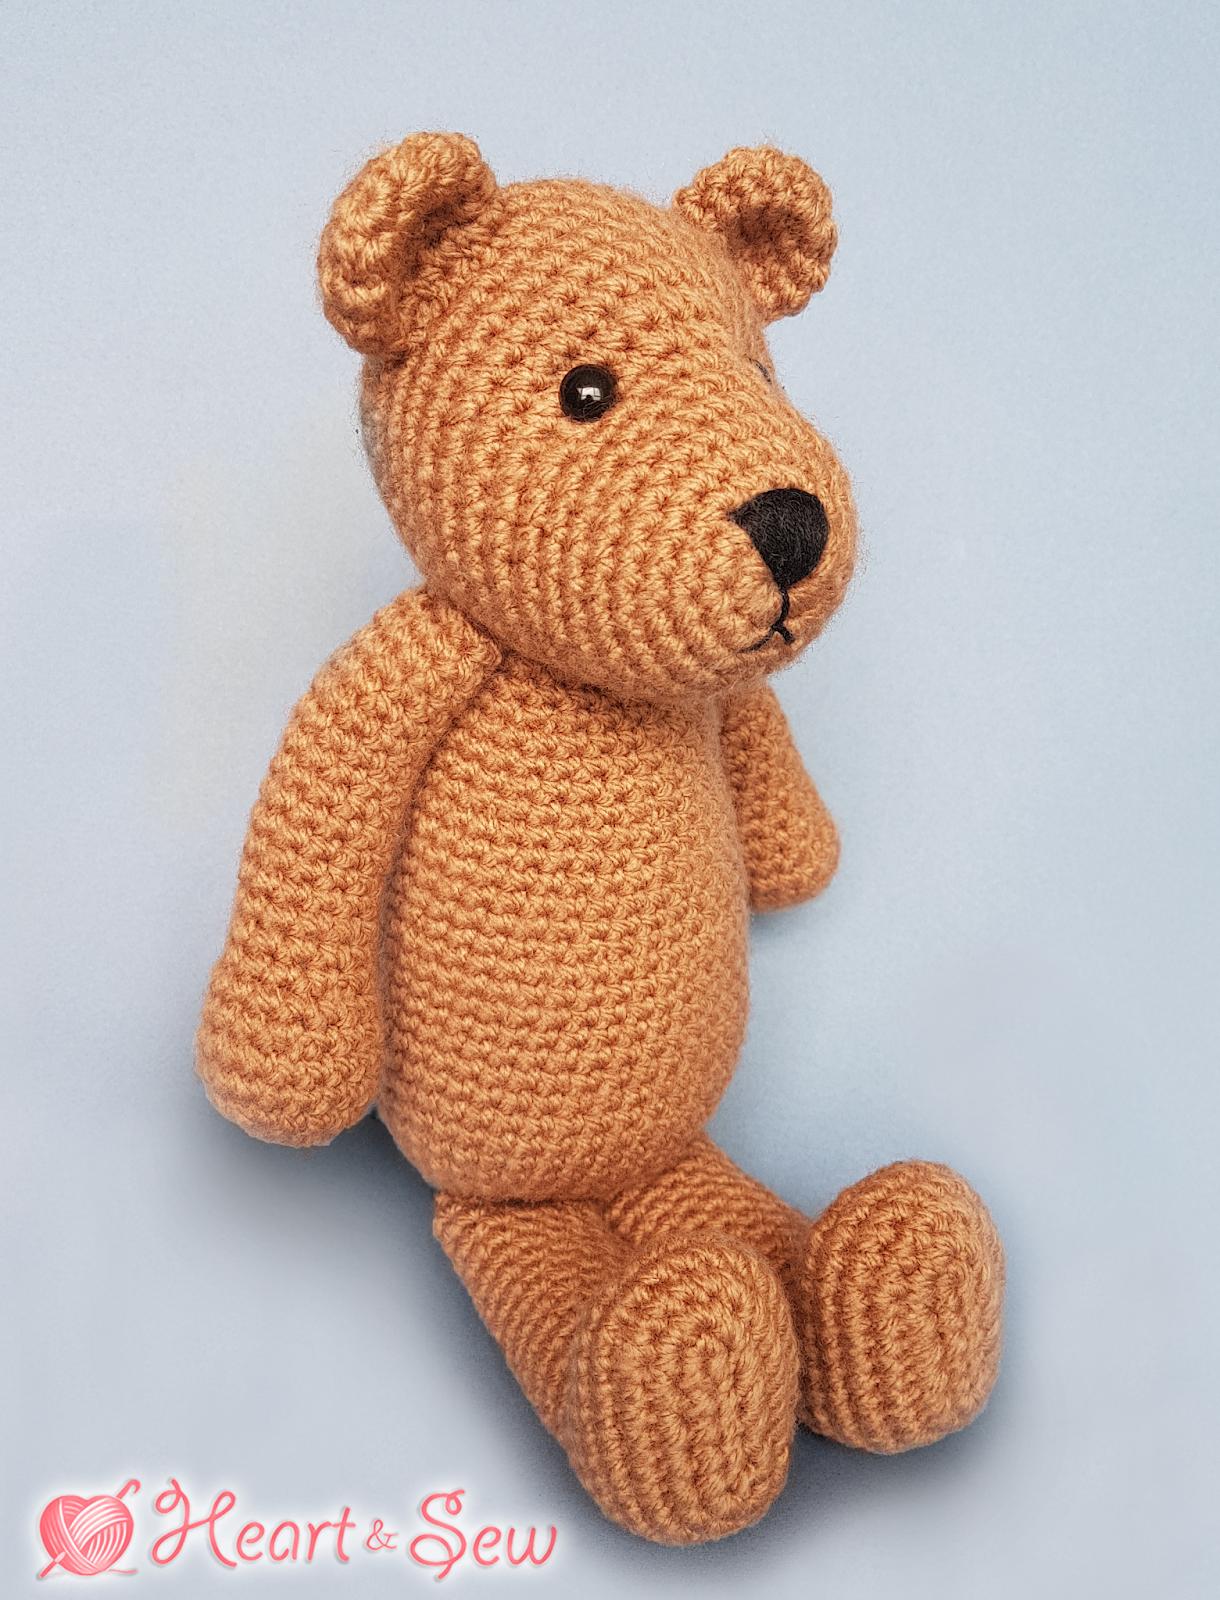 20+ Free Crochet Teddy Bear Patterns ⋆ Crochet Kingdom | 1600x1220